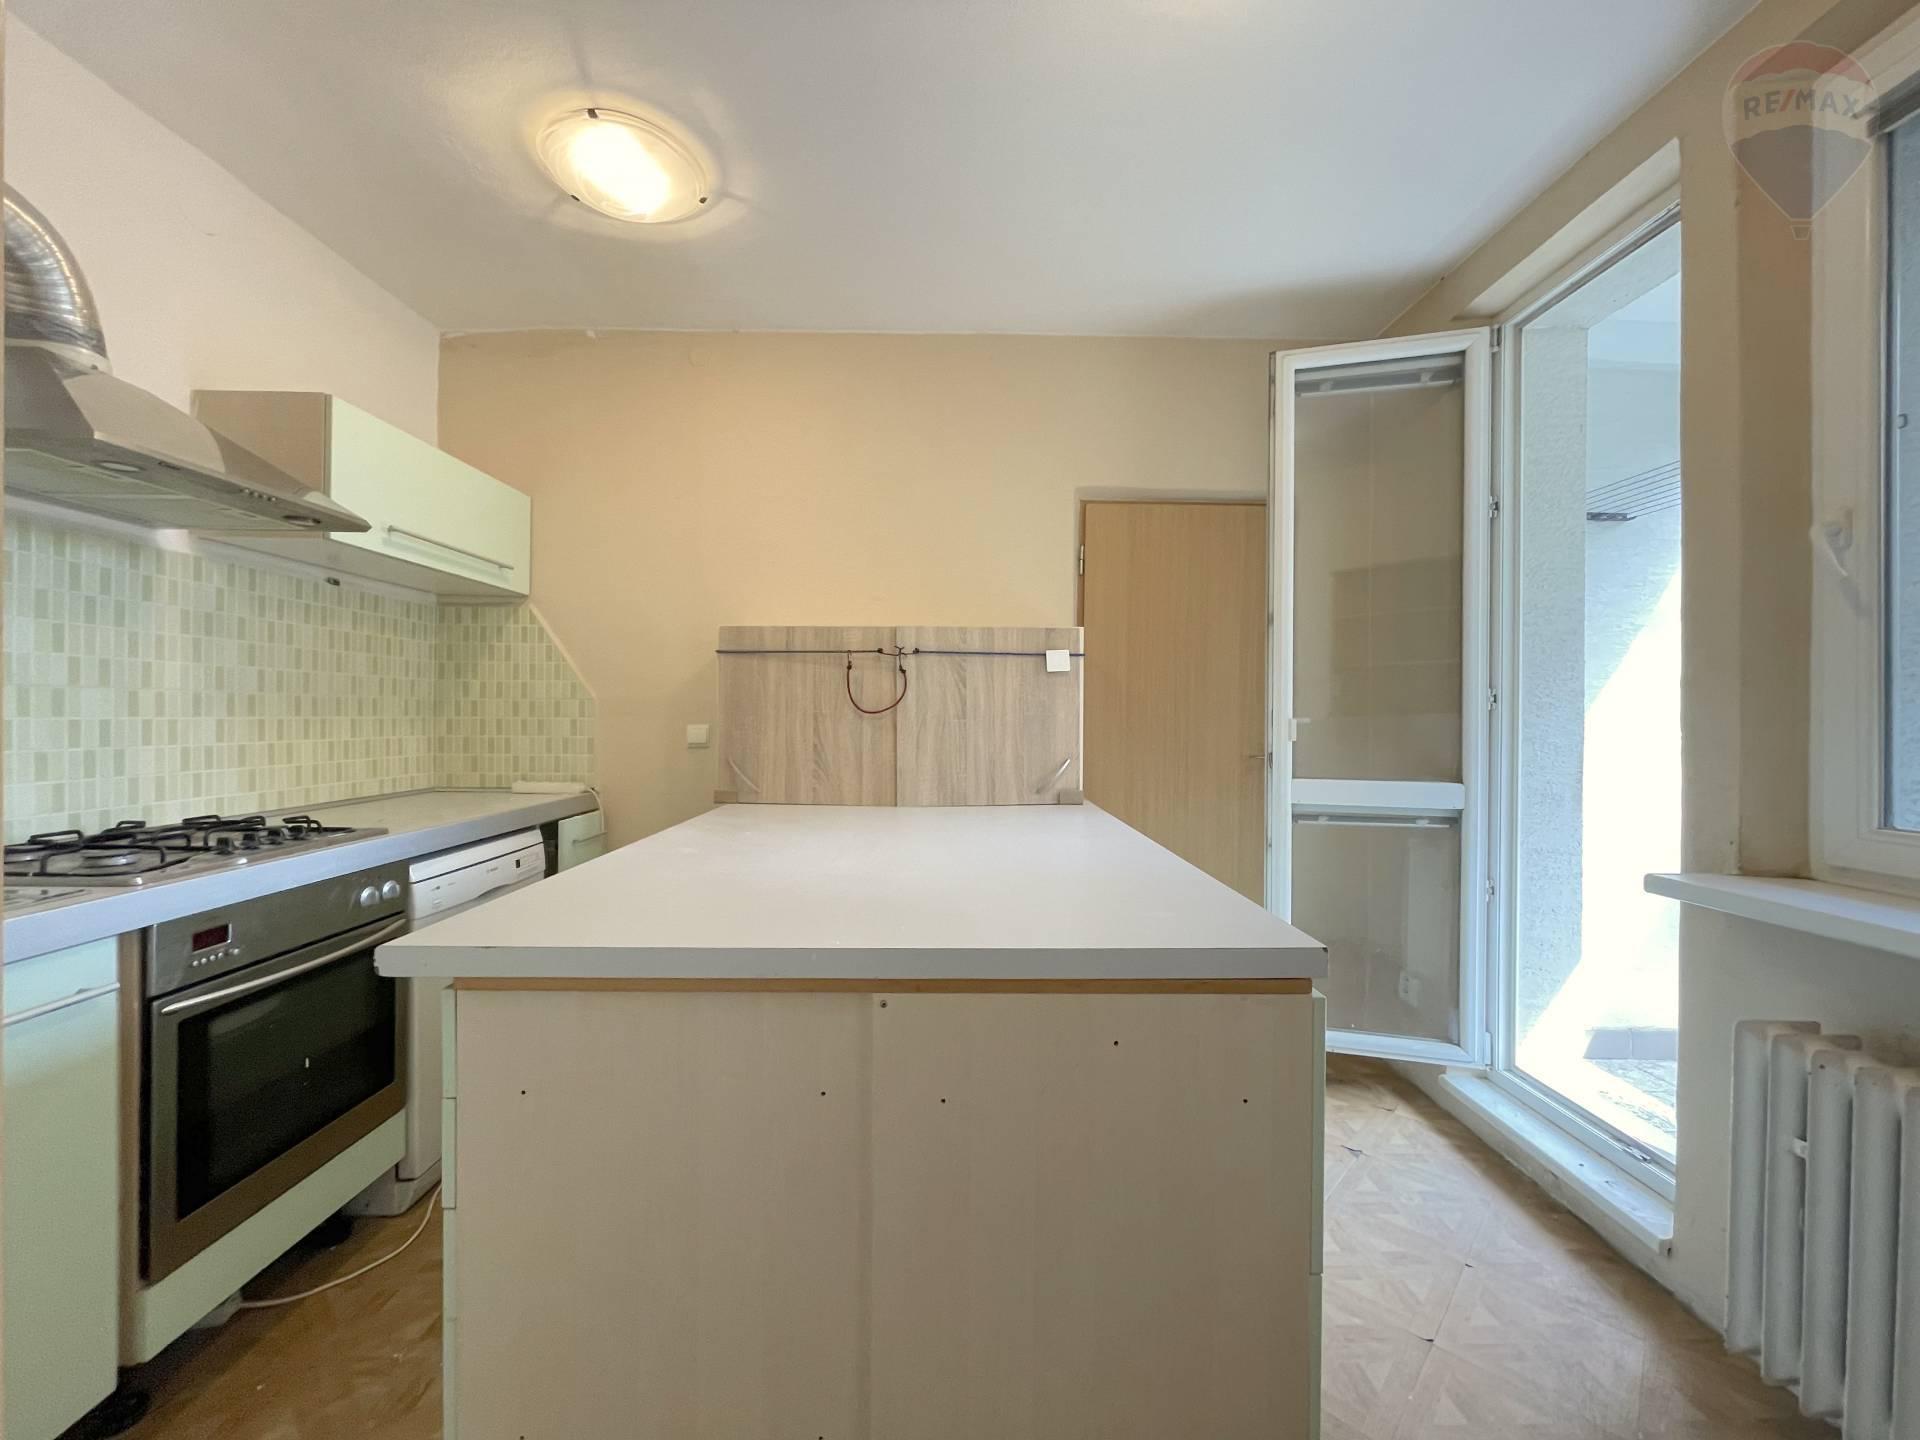 Predaj bytu (3 izbový) 71 m2, Bratislava - Karlova Ves -